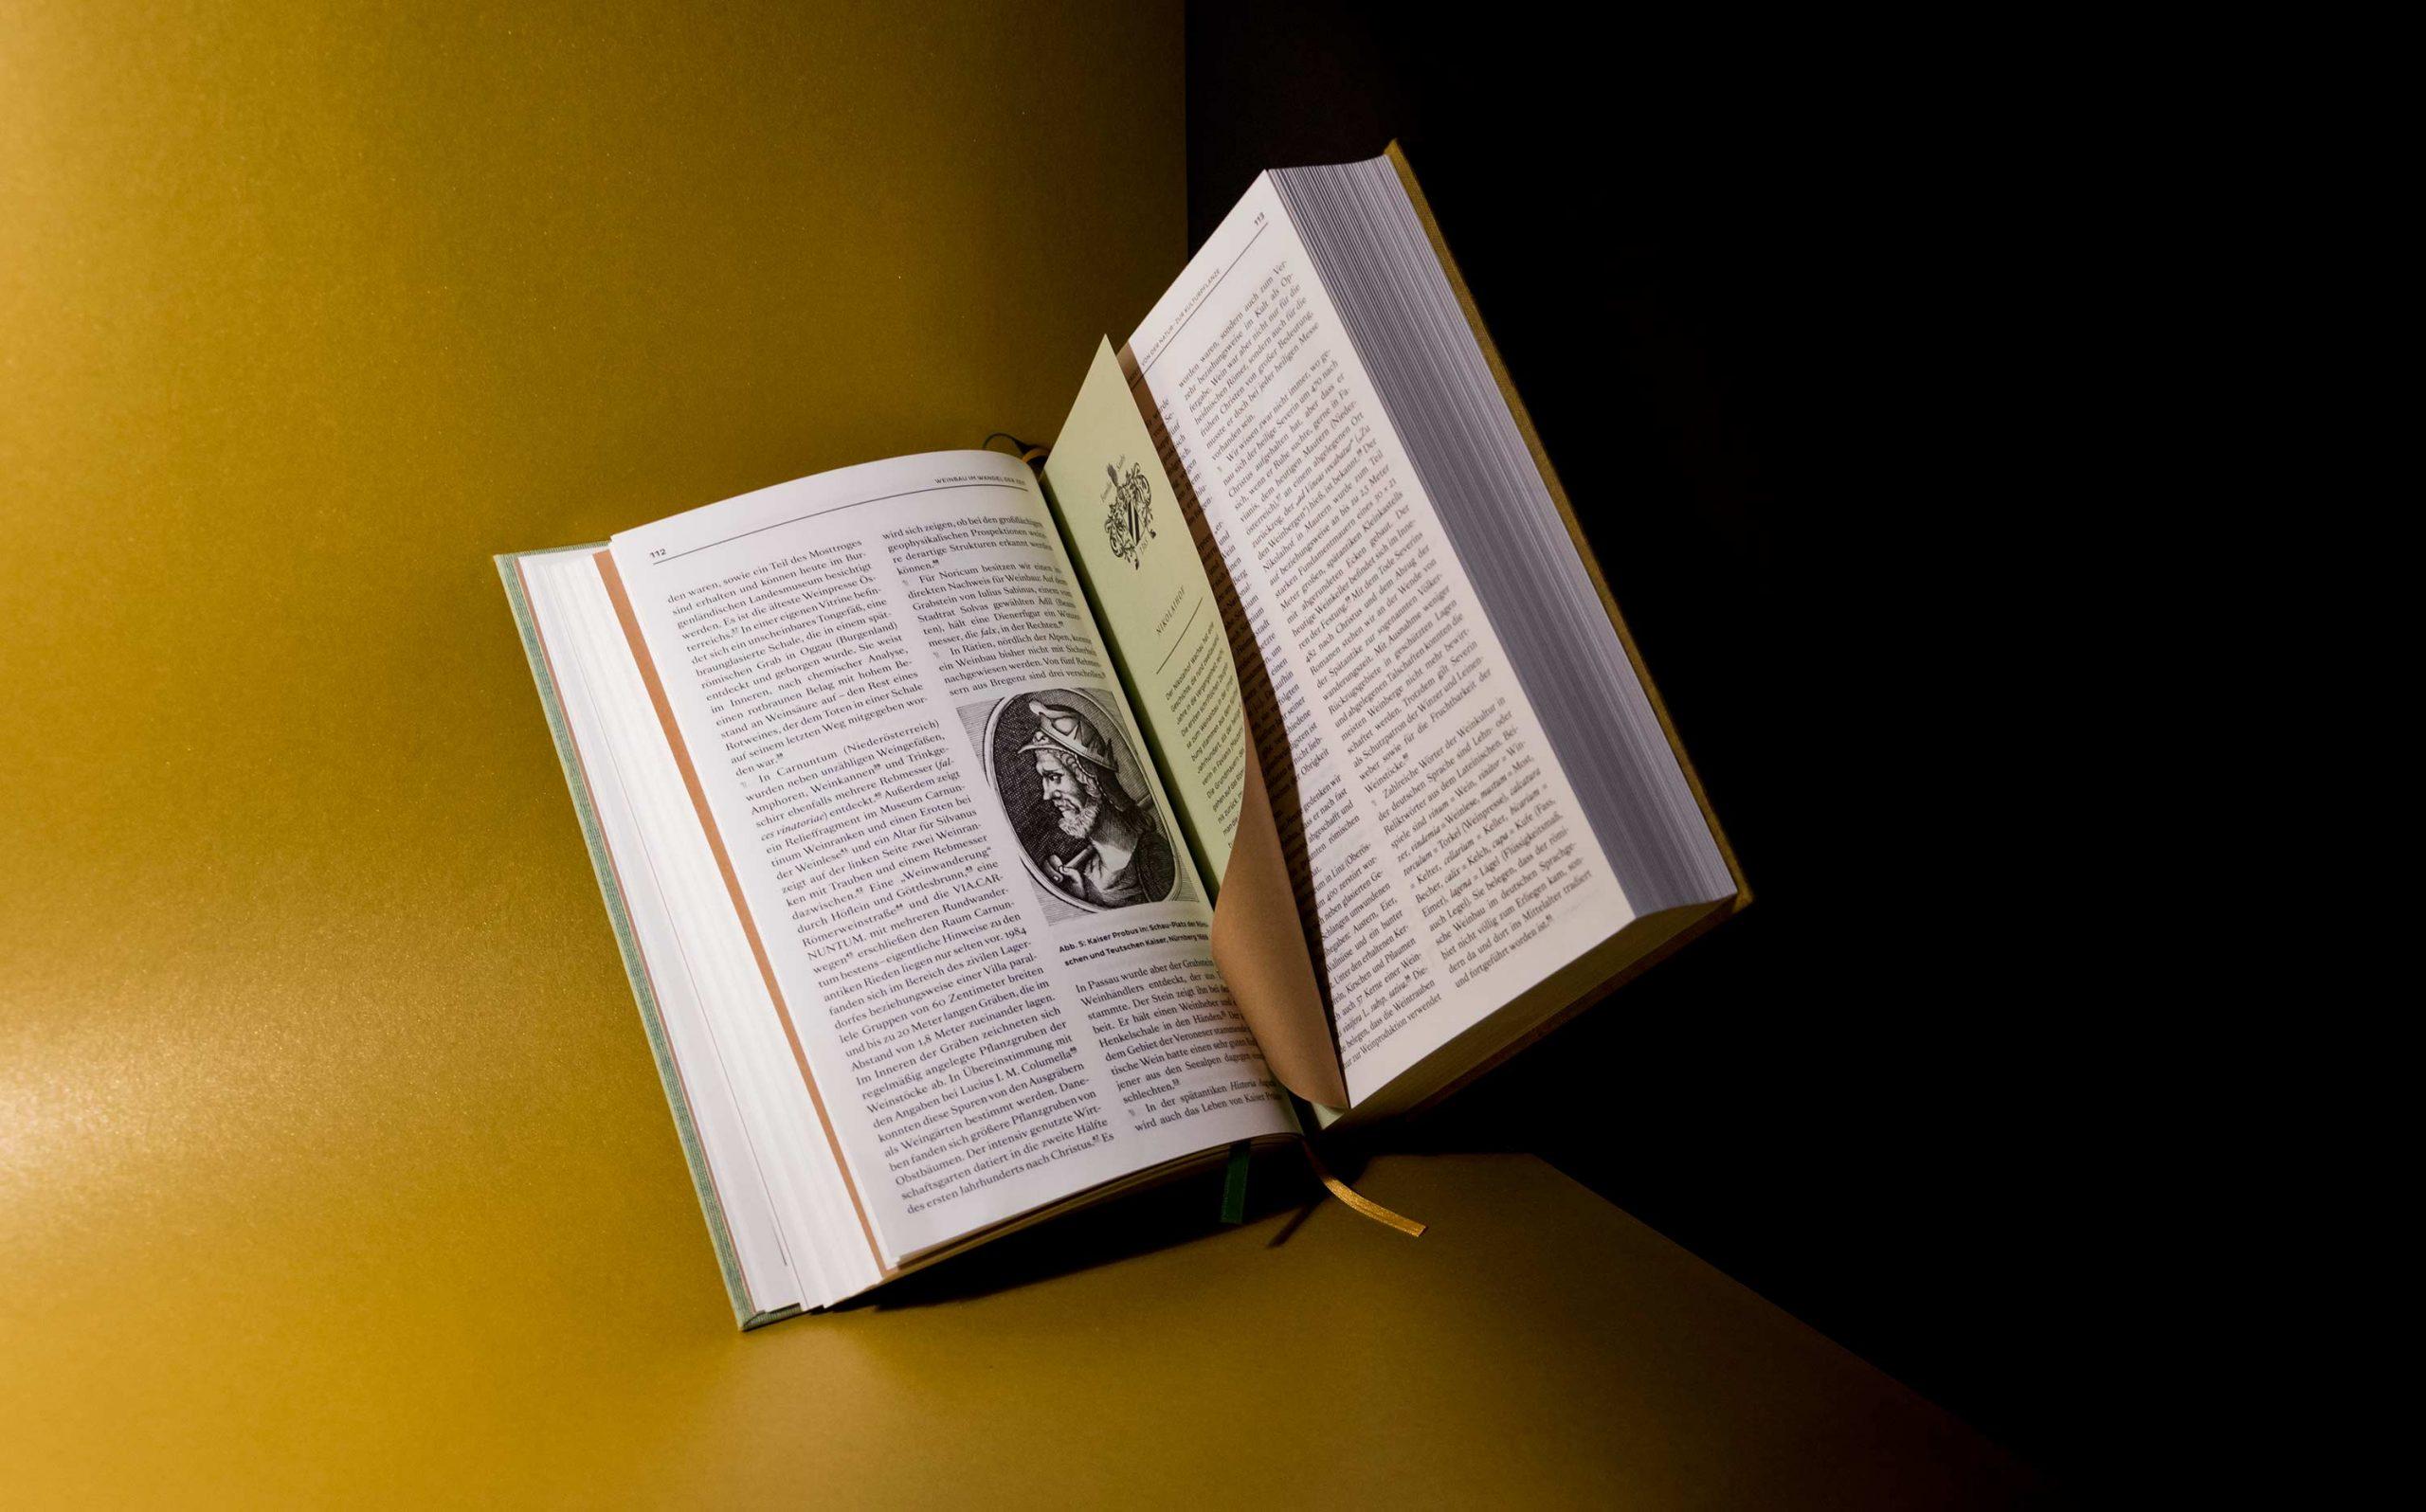 Editorial Design Wein in Österreich, Kompendium | Textseite mit halber Seite, beidseitig sichtbar | Keywords: Kompendium, Editorial Design, Lexikon, Nachschlagewerk, Standardwerk, Mikrotypografie, Typografie